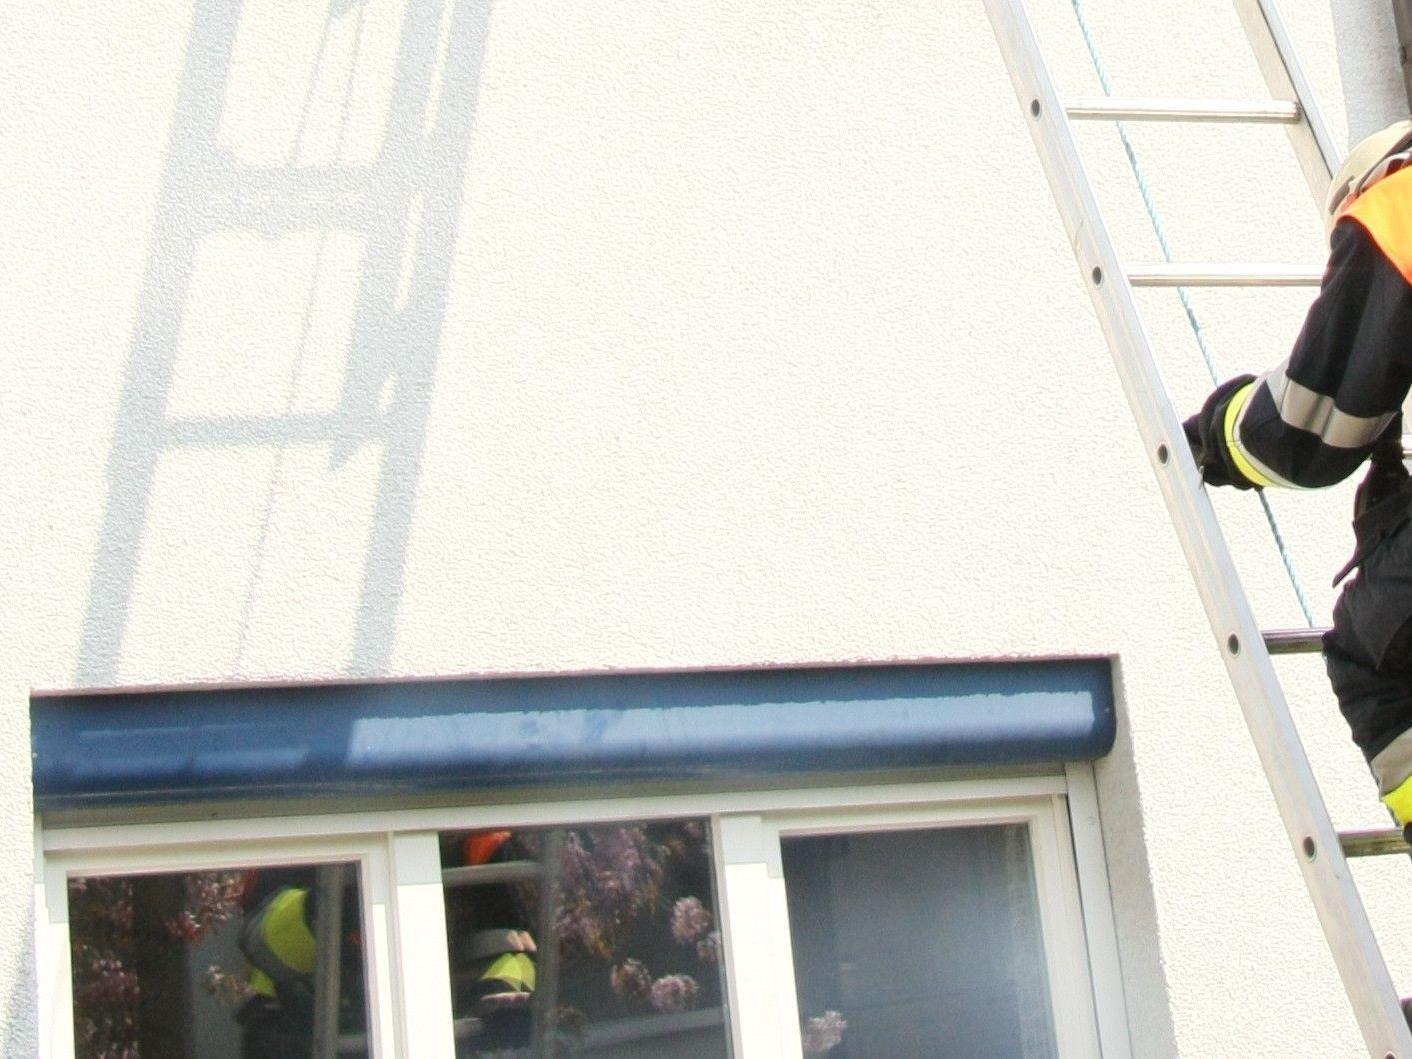 Feuerwehr befreite 75-Jährige, Symbolbild